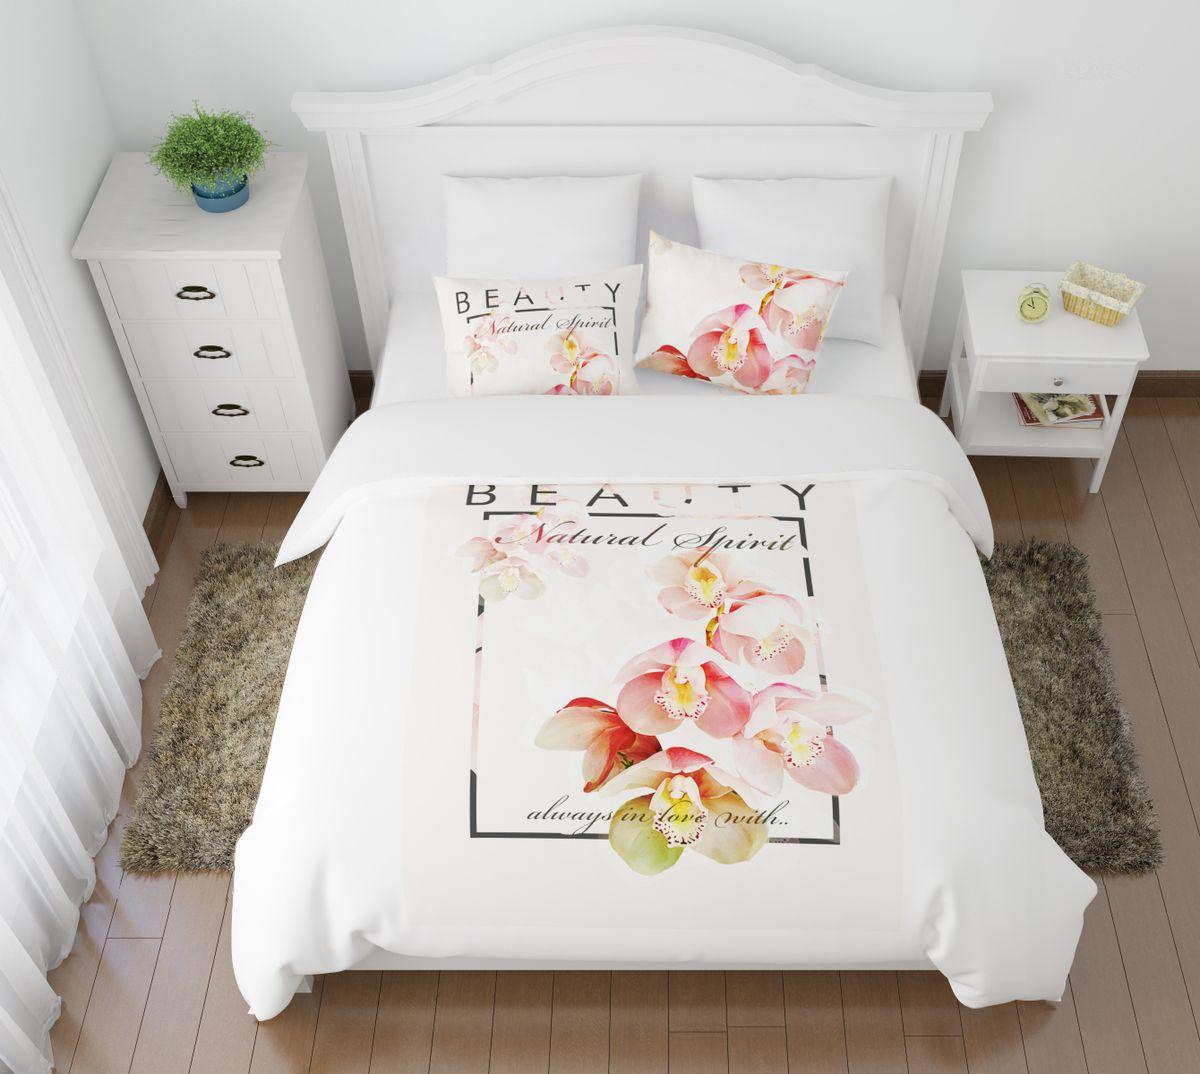 Комплект белья Сирень Изысканность, 2-спальный, наволочки 50х7008371-КПБ2-МКомплект постельного белья Сирень выполнен из прочной и мягкой ткани. Четкий и стильный рисунок в сочетании с насыщенными красками делают комплект постельного белья неповторимой изюминкой любого интерьера.Постельное белье идеально подойдет для подарка. Идеальное соотношение смешенной ткани и гипоаллергенных красок - это гарантия здорового, спокойного сна. Ткань хорошо впитывает влагу, надолго сохраняет яркость красок.В комплект входят: простынь, пододеяльник, две наволочки. Постельное белье легко стирать при 30-40°С, гладить при 150°С, не отбеливать. Рекомендуется перед первым использованием постирать.УВАЖАЕМЫЕ КЛИЕНТЫ! Обращаем ваше внимание, что цвет простыни, пододеяльника, наволочки в комплектации может немного отличаться от представленного на фото.